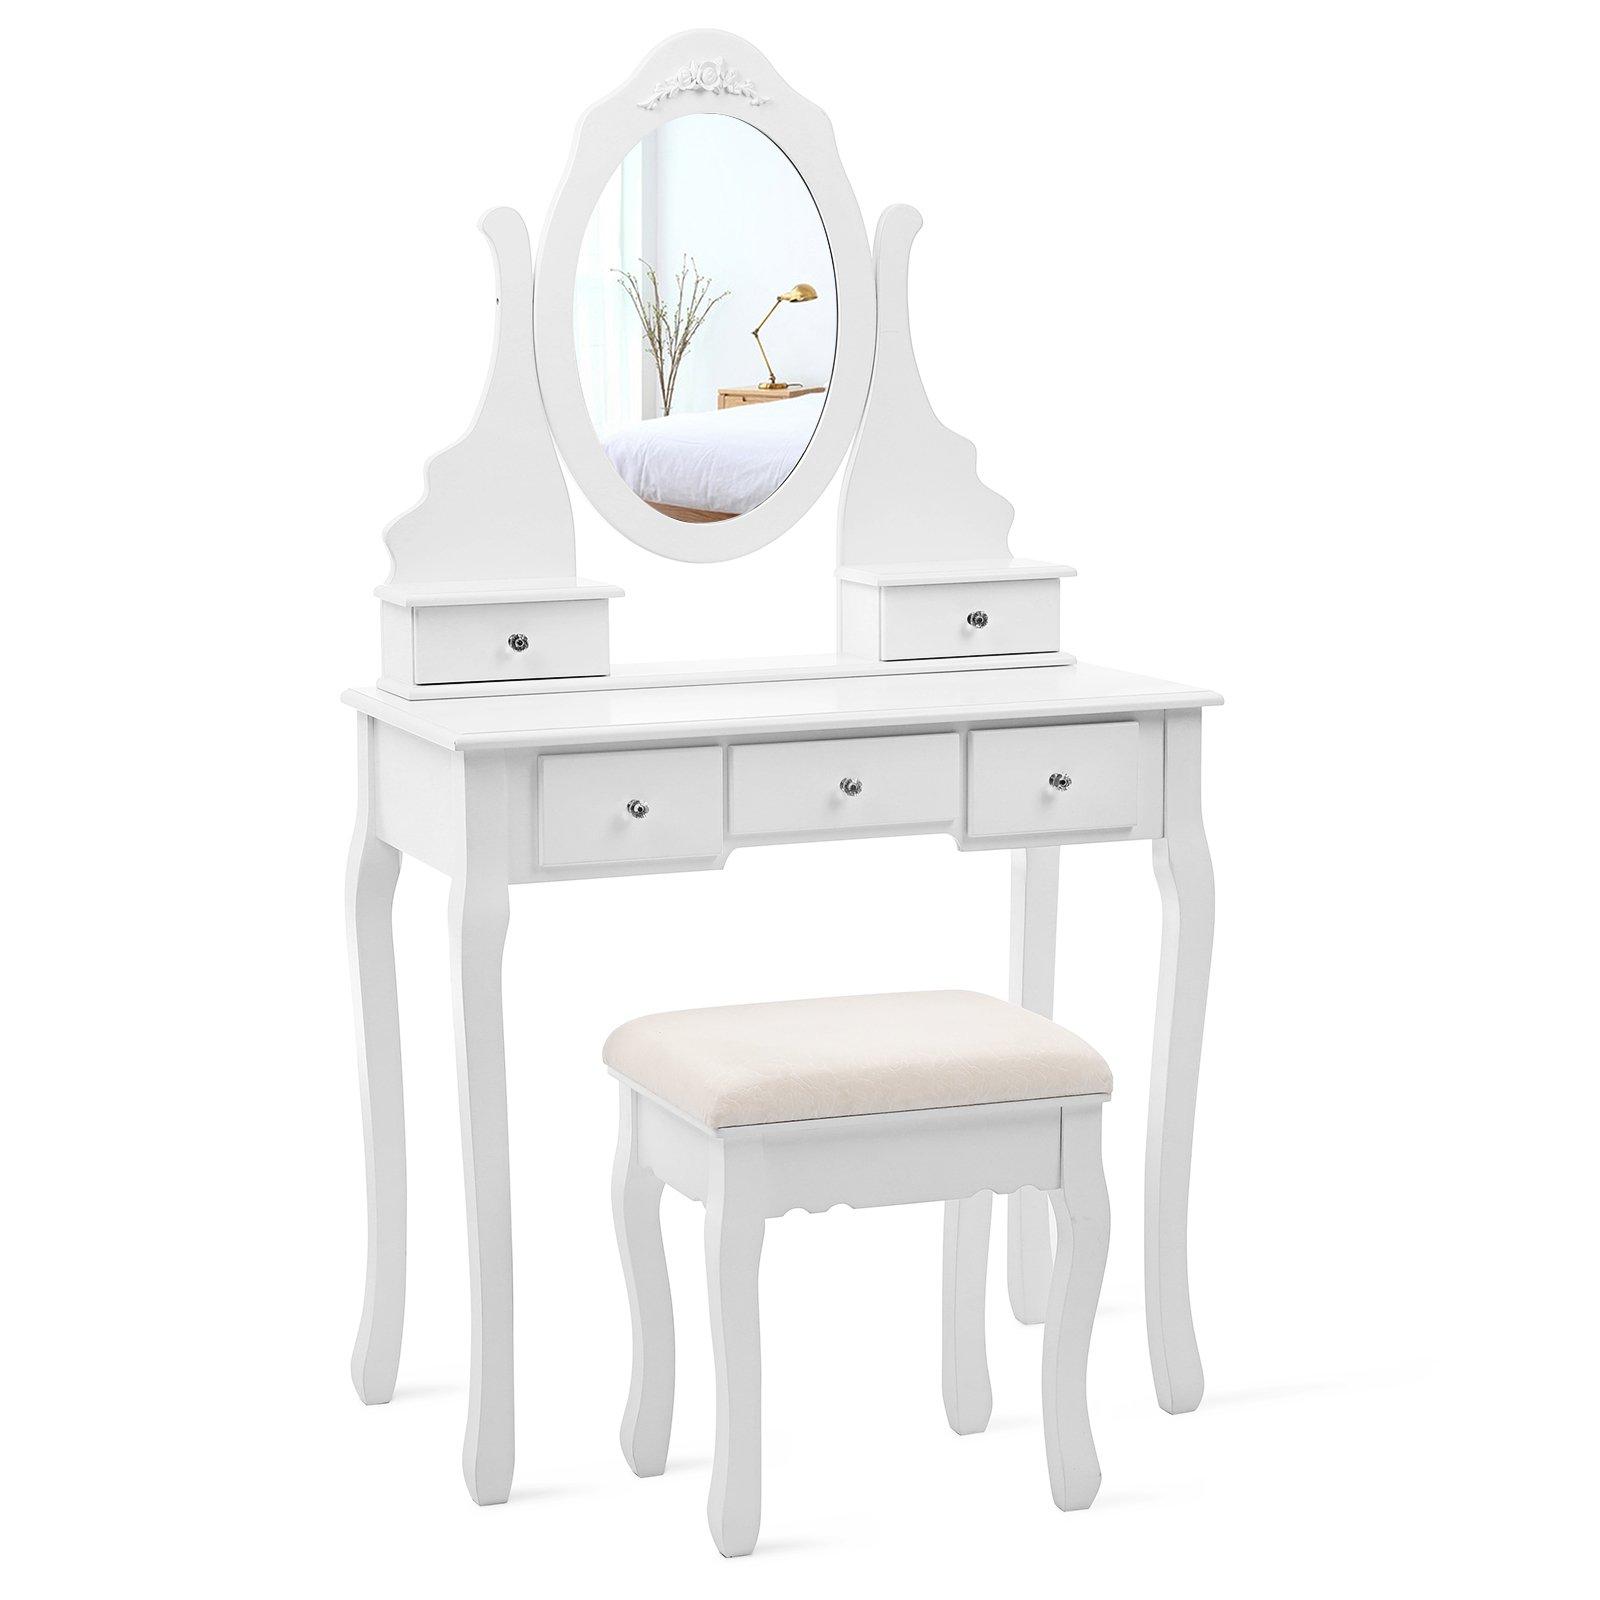 songmics coiffeuse table de maquillage avec 1 miroir 5 tiroirs et 1 tabouret parois dans le tiroir miroir pivotant blanc rdt09w